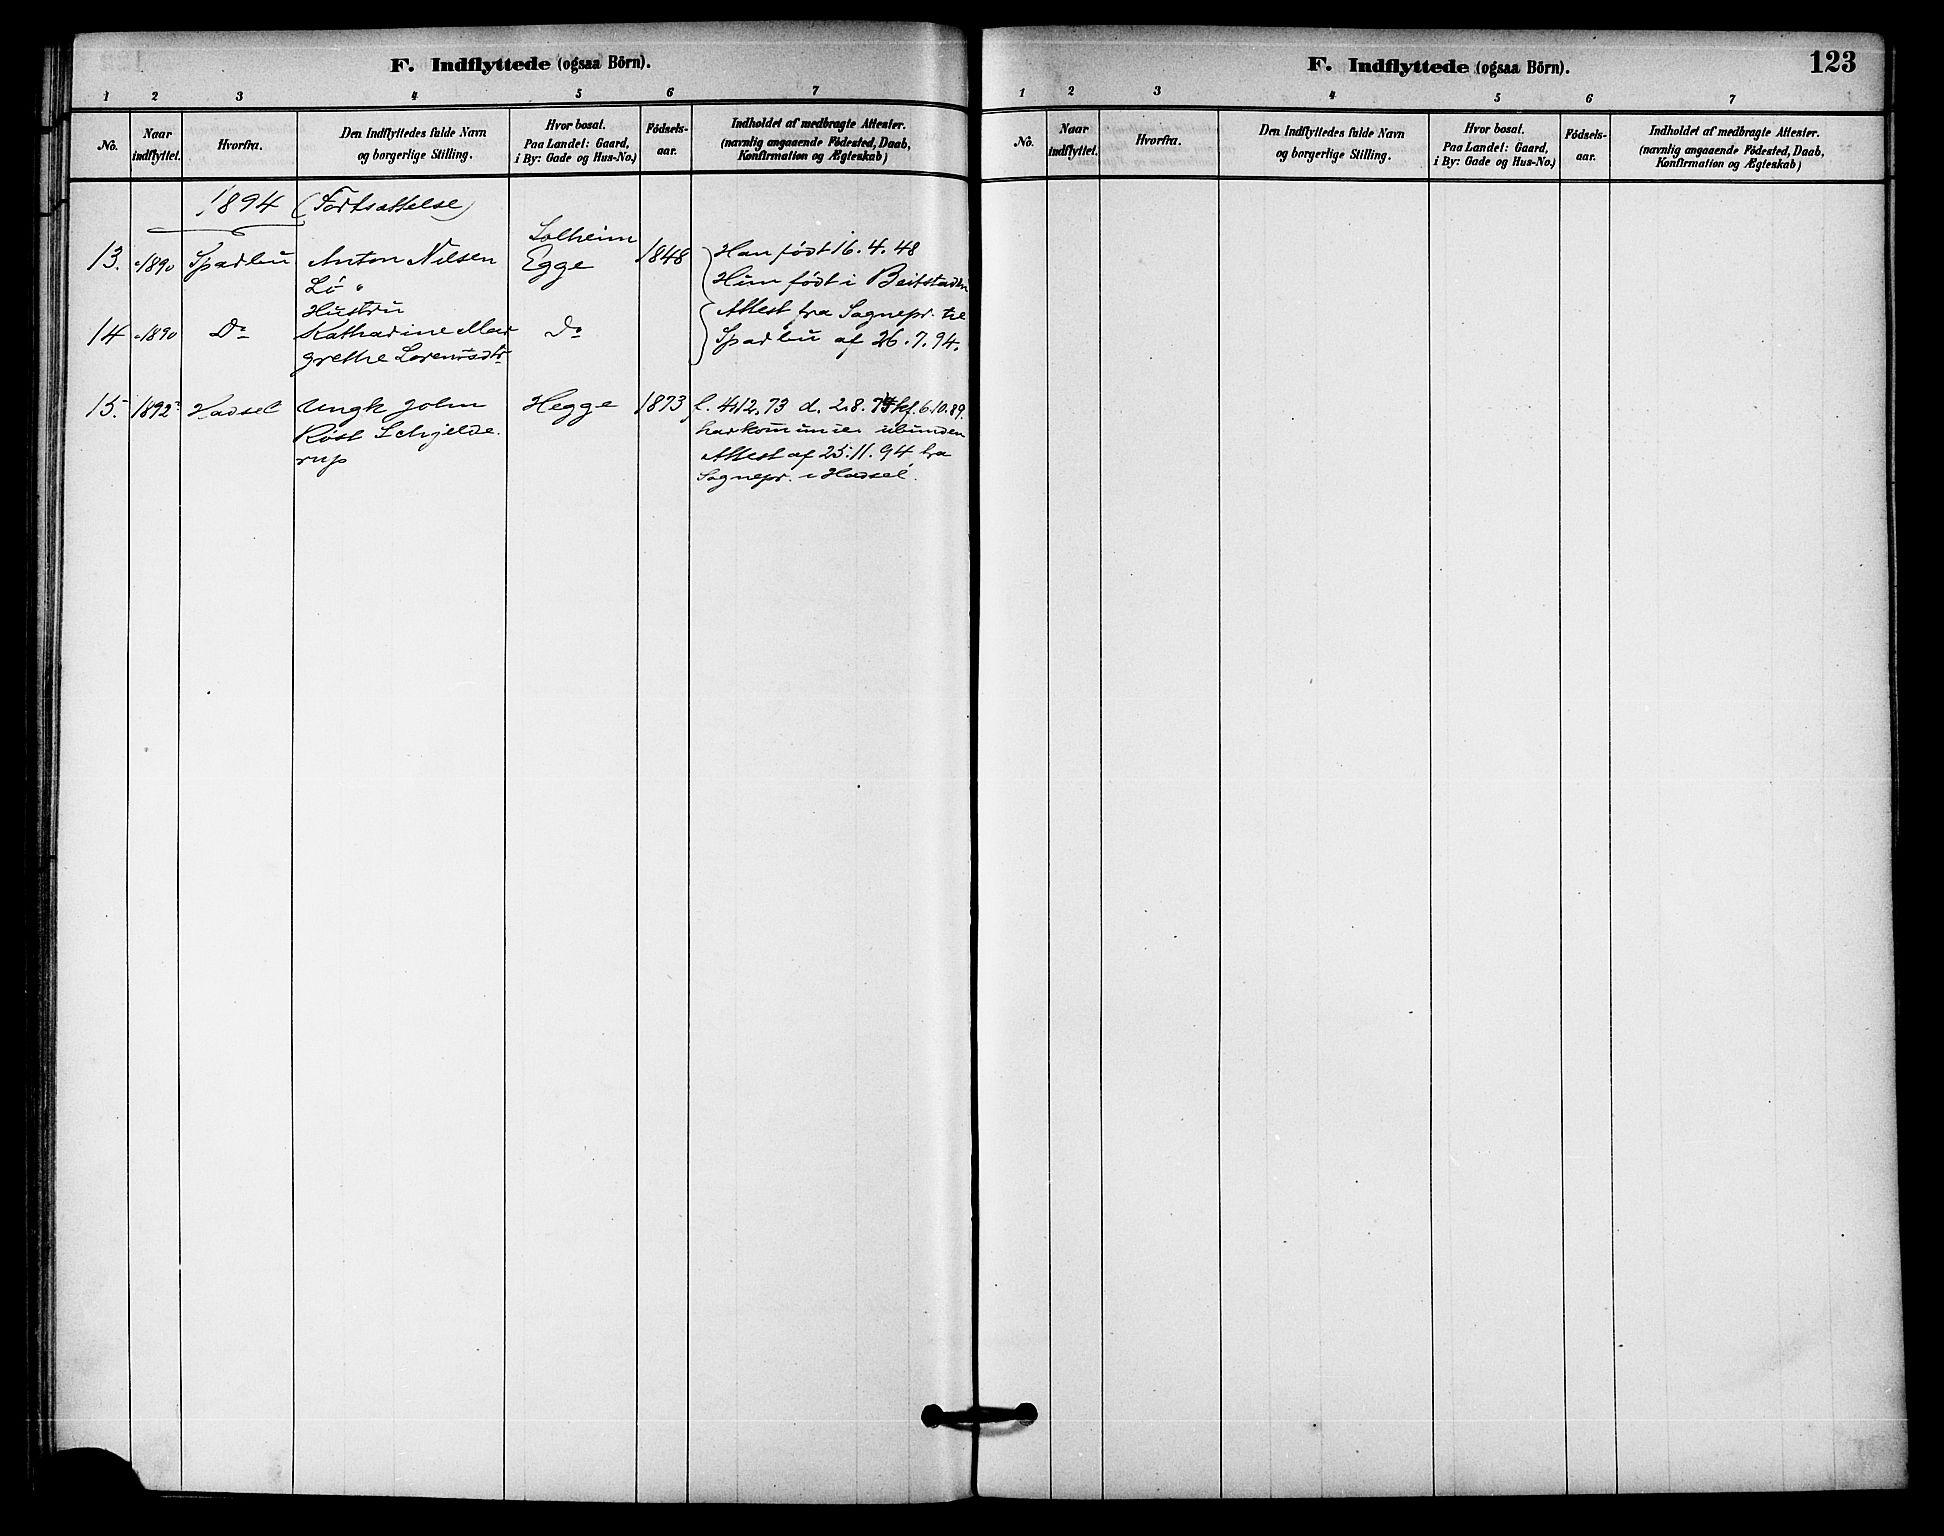 SAT, Ministerialprotokoller, klokkerbøker og fødselsregistre - Nord-Trøndelag, 740/L0378: Ministerialbok nr. 740A01, 1881-1895, s. 123